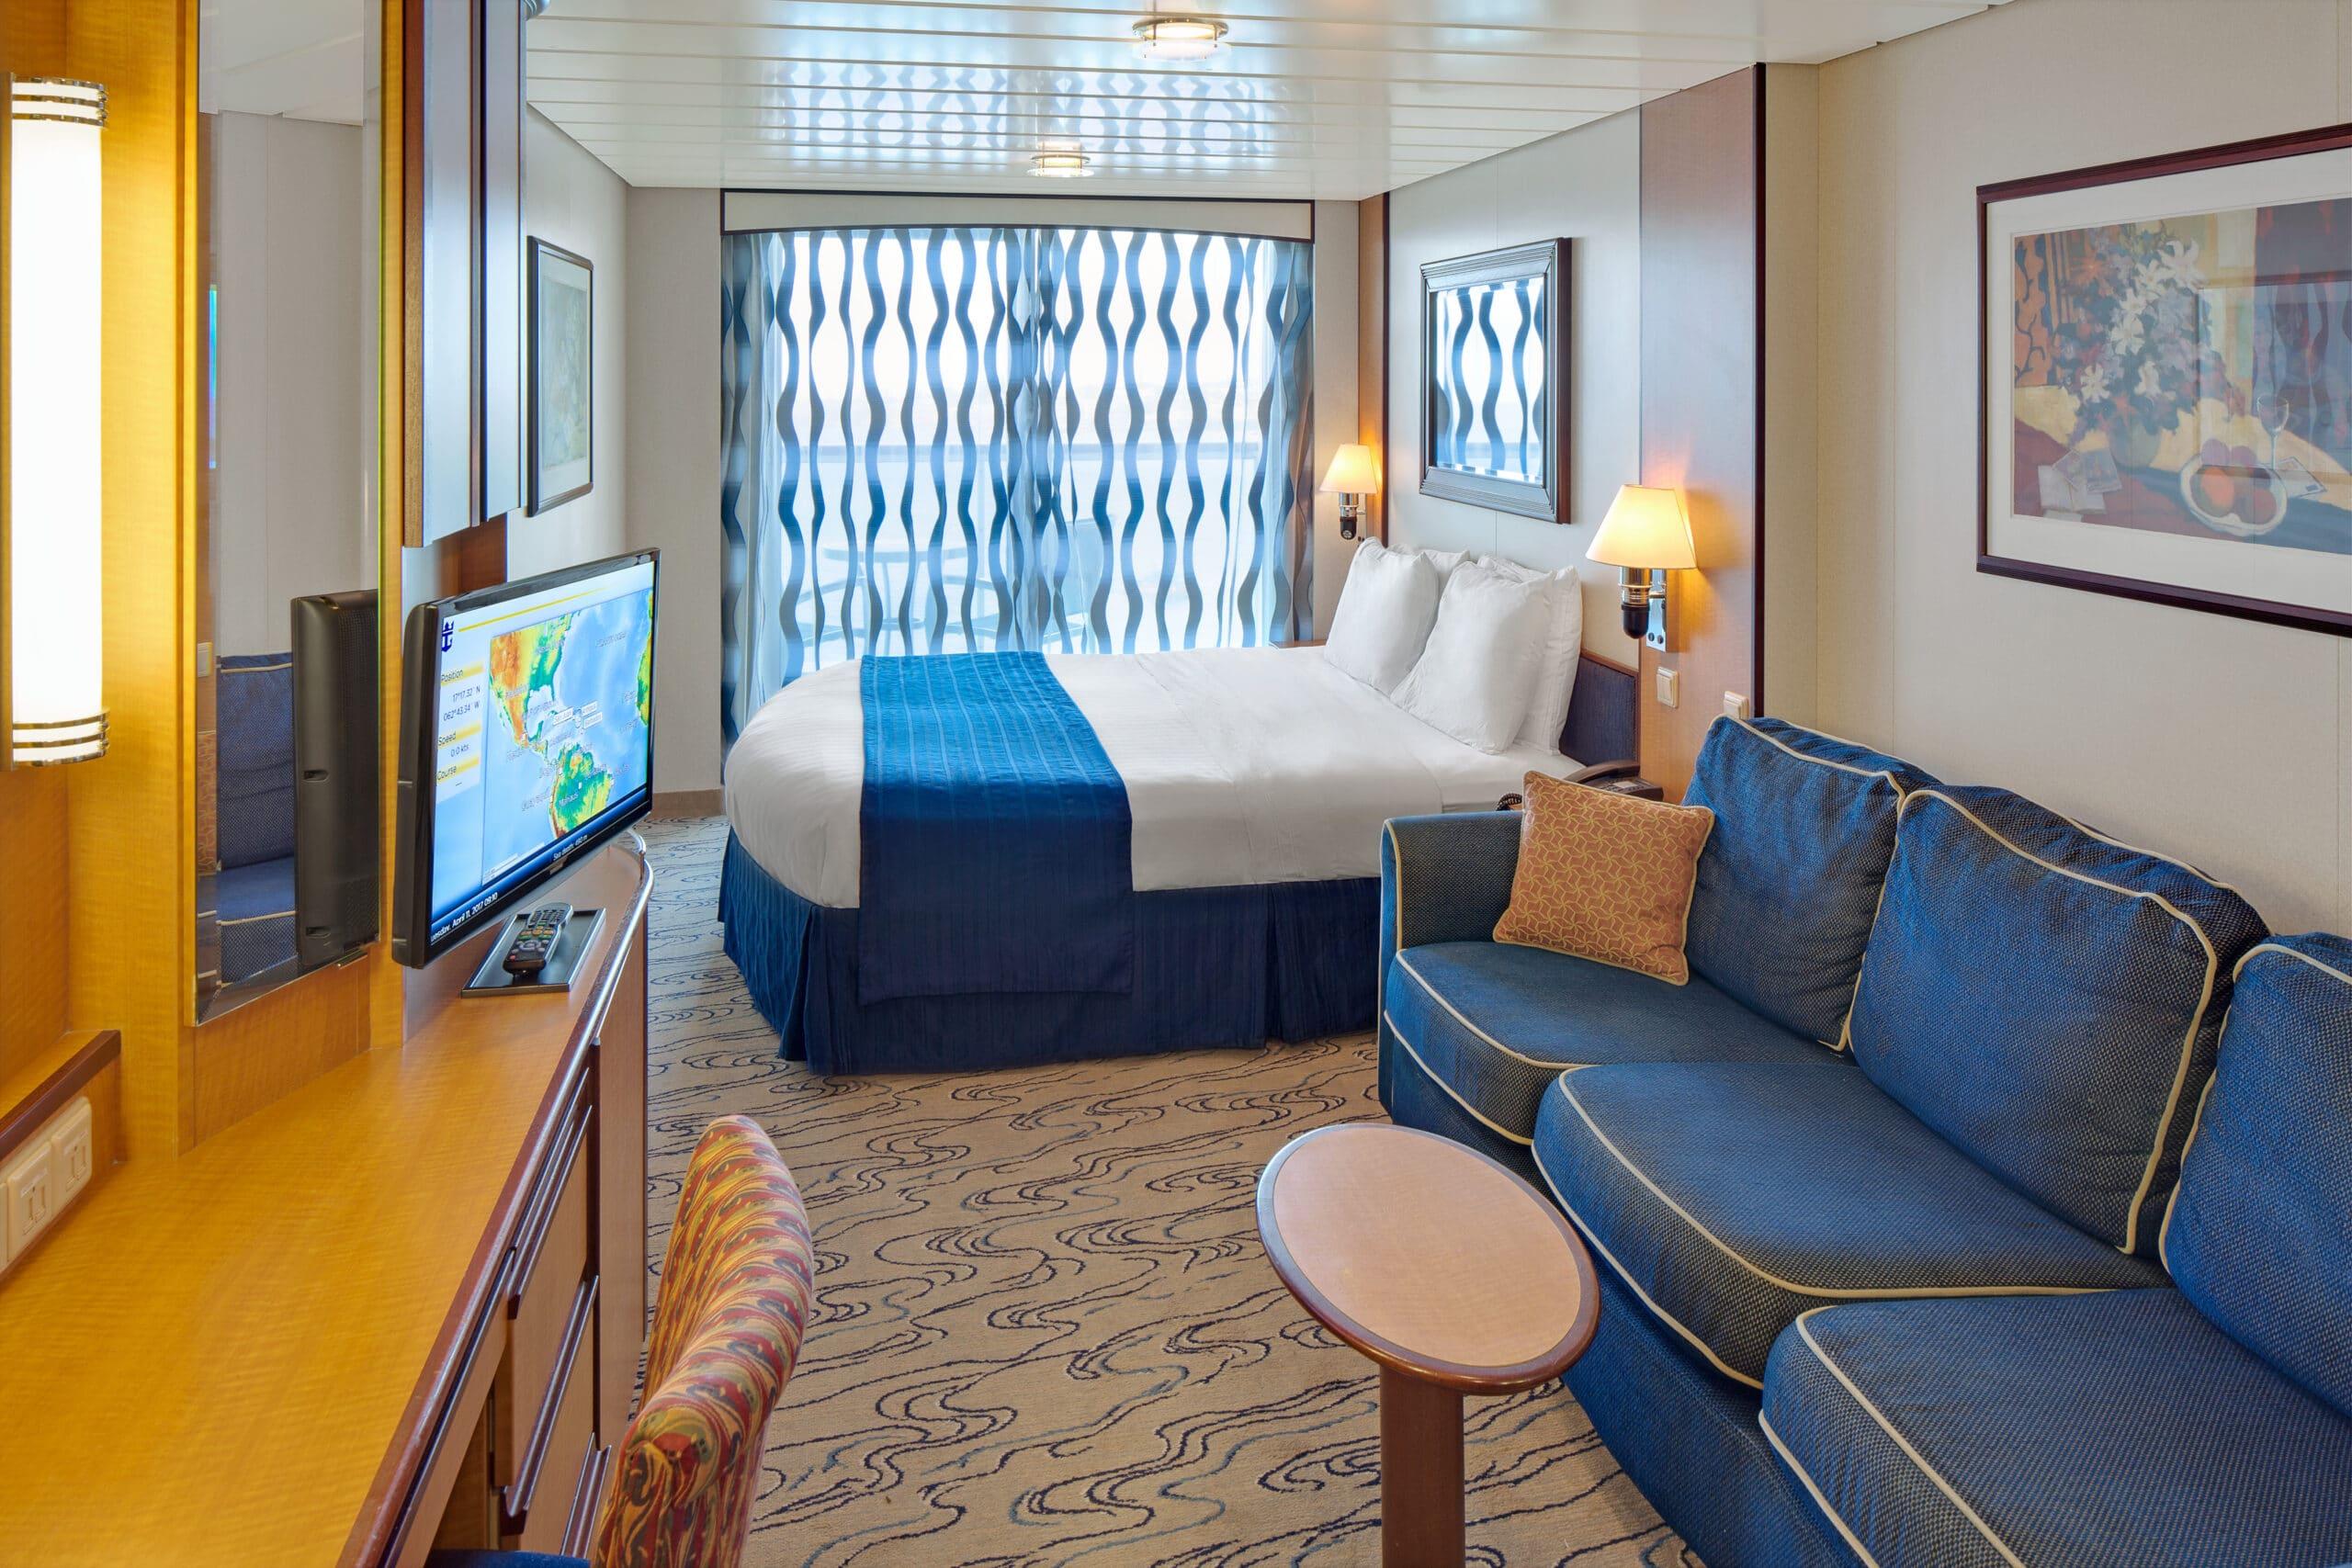 Royal-Caribbean-International-Jewel-of-the-Seas-schip-cruiseschip-categorie-1D-2D-5D-6D-1b-2b-3b-4b-balkonhut-ruime